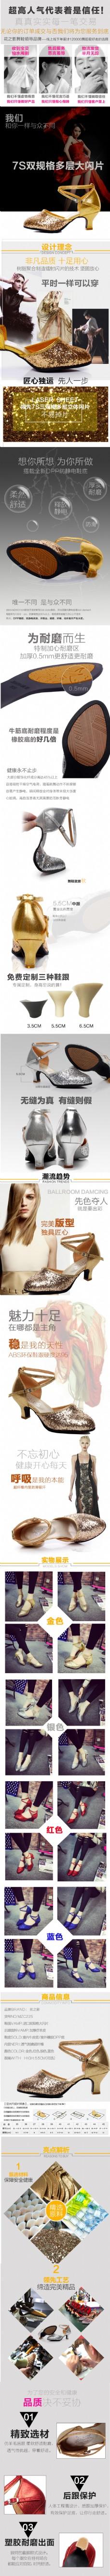 拉丁舞鞋详情页